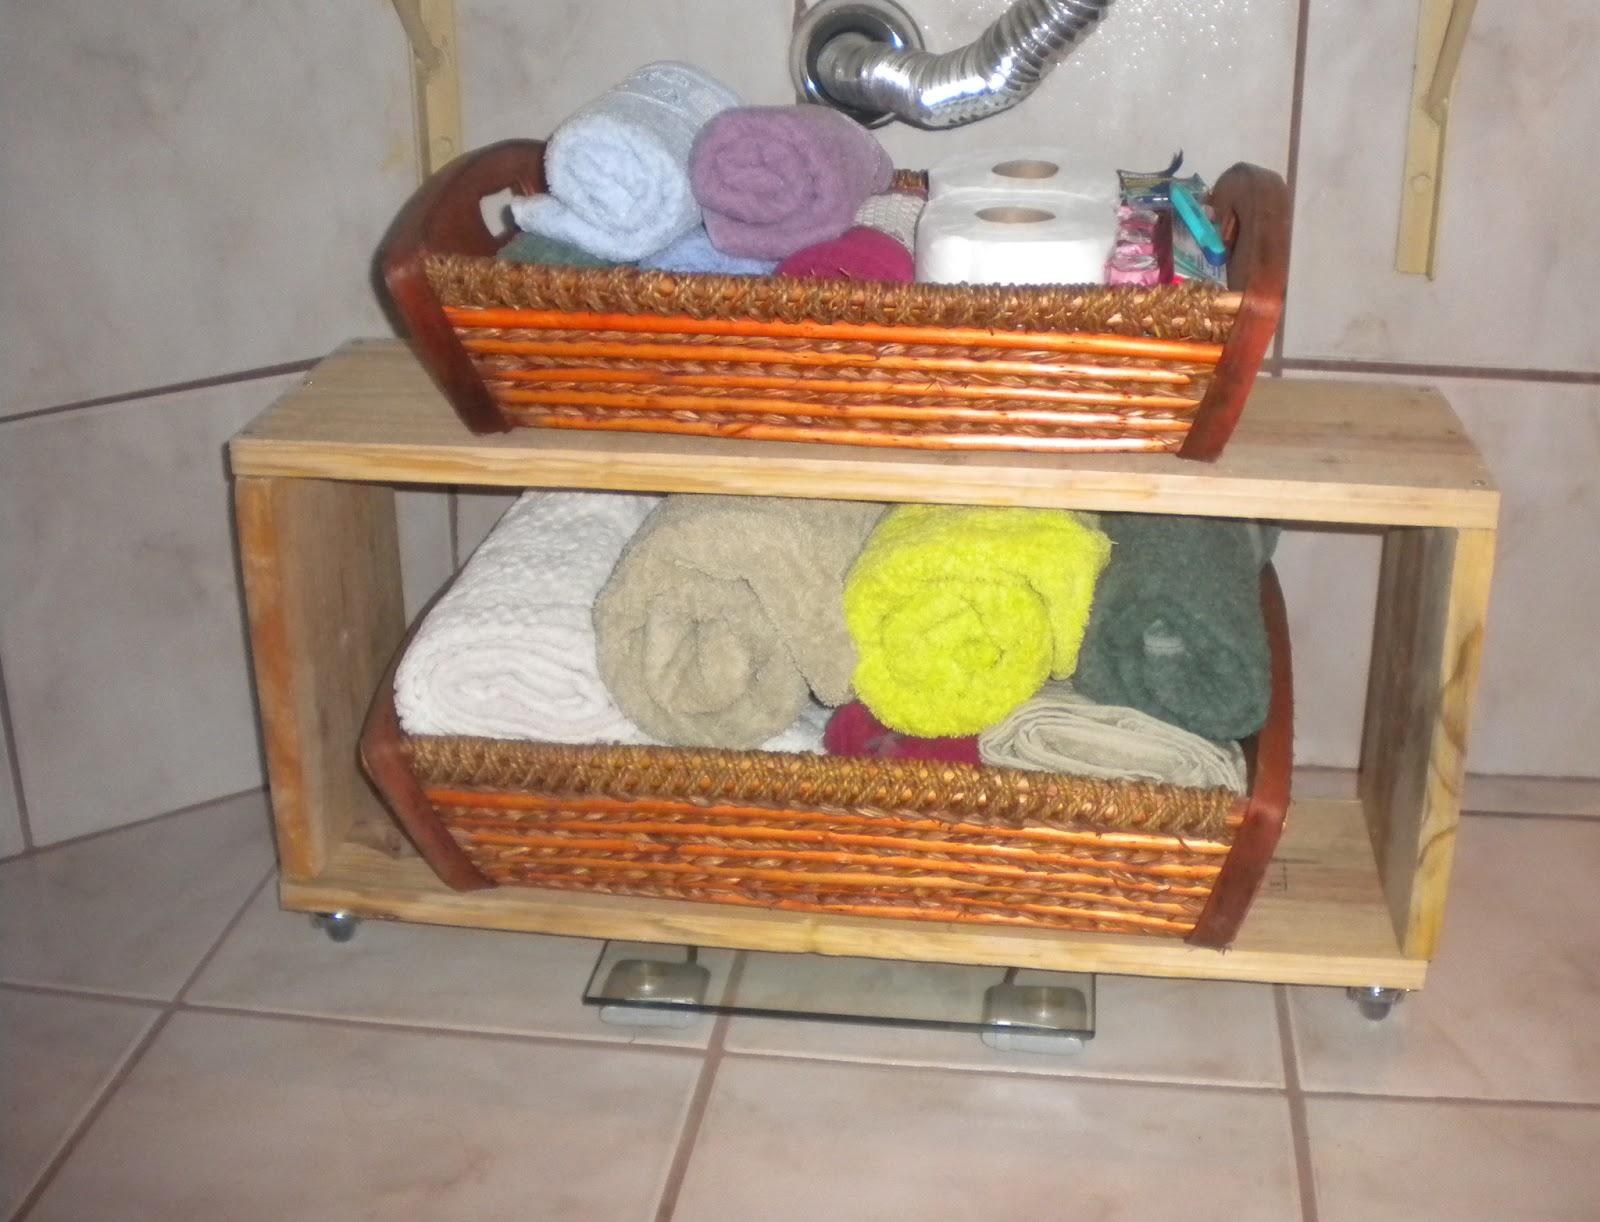 decoracao de interiores faca voce mesmo:que eu fiz com uma tabua de madeira parafuso e algumas roldanas gastei